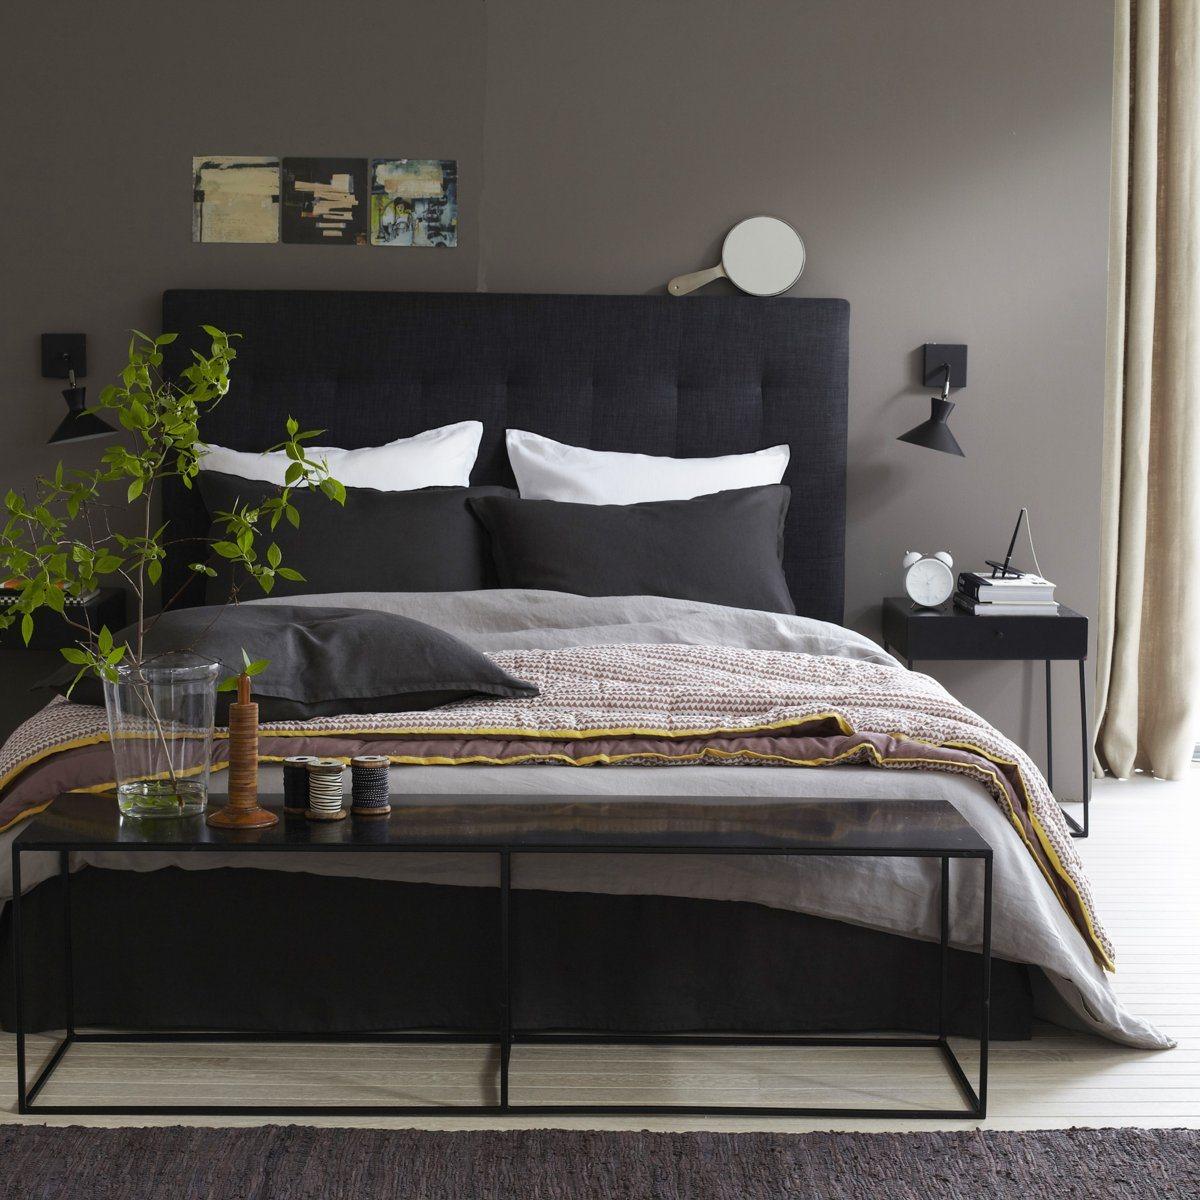 Черная кровать в интерьере: таинственность или стиль (23 фото)